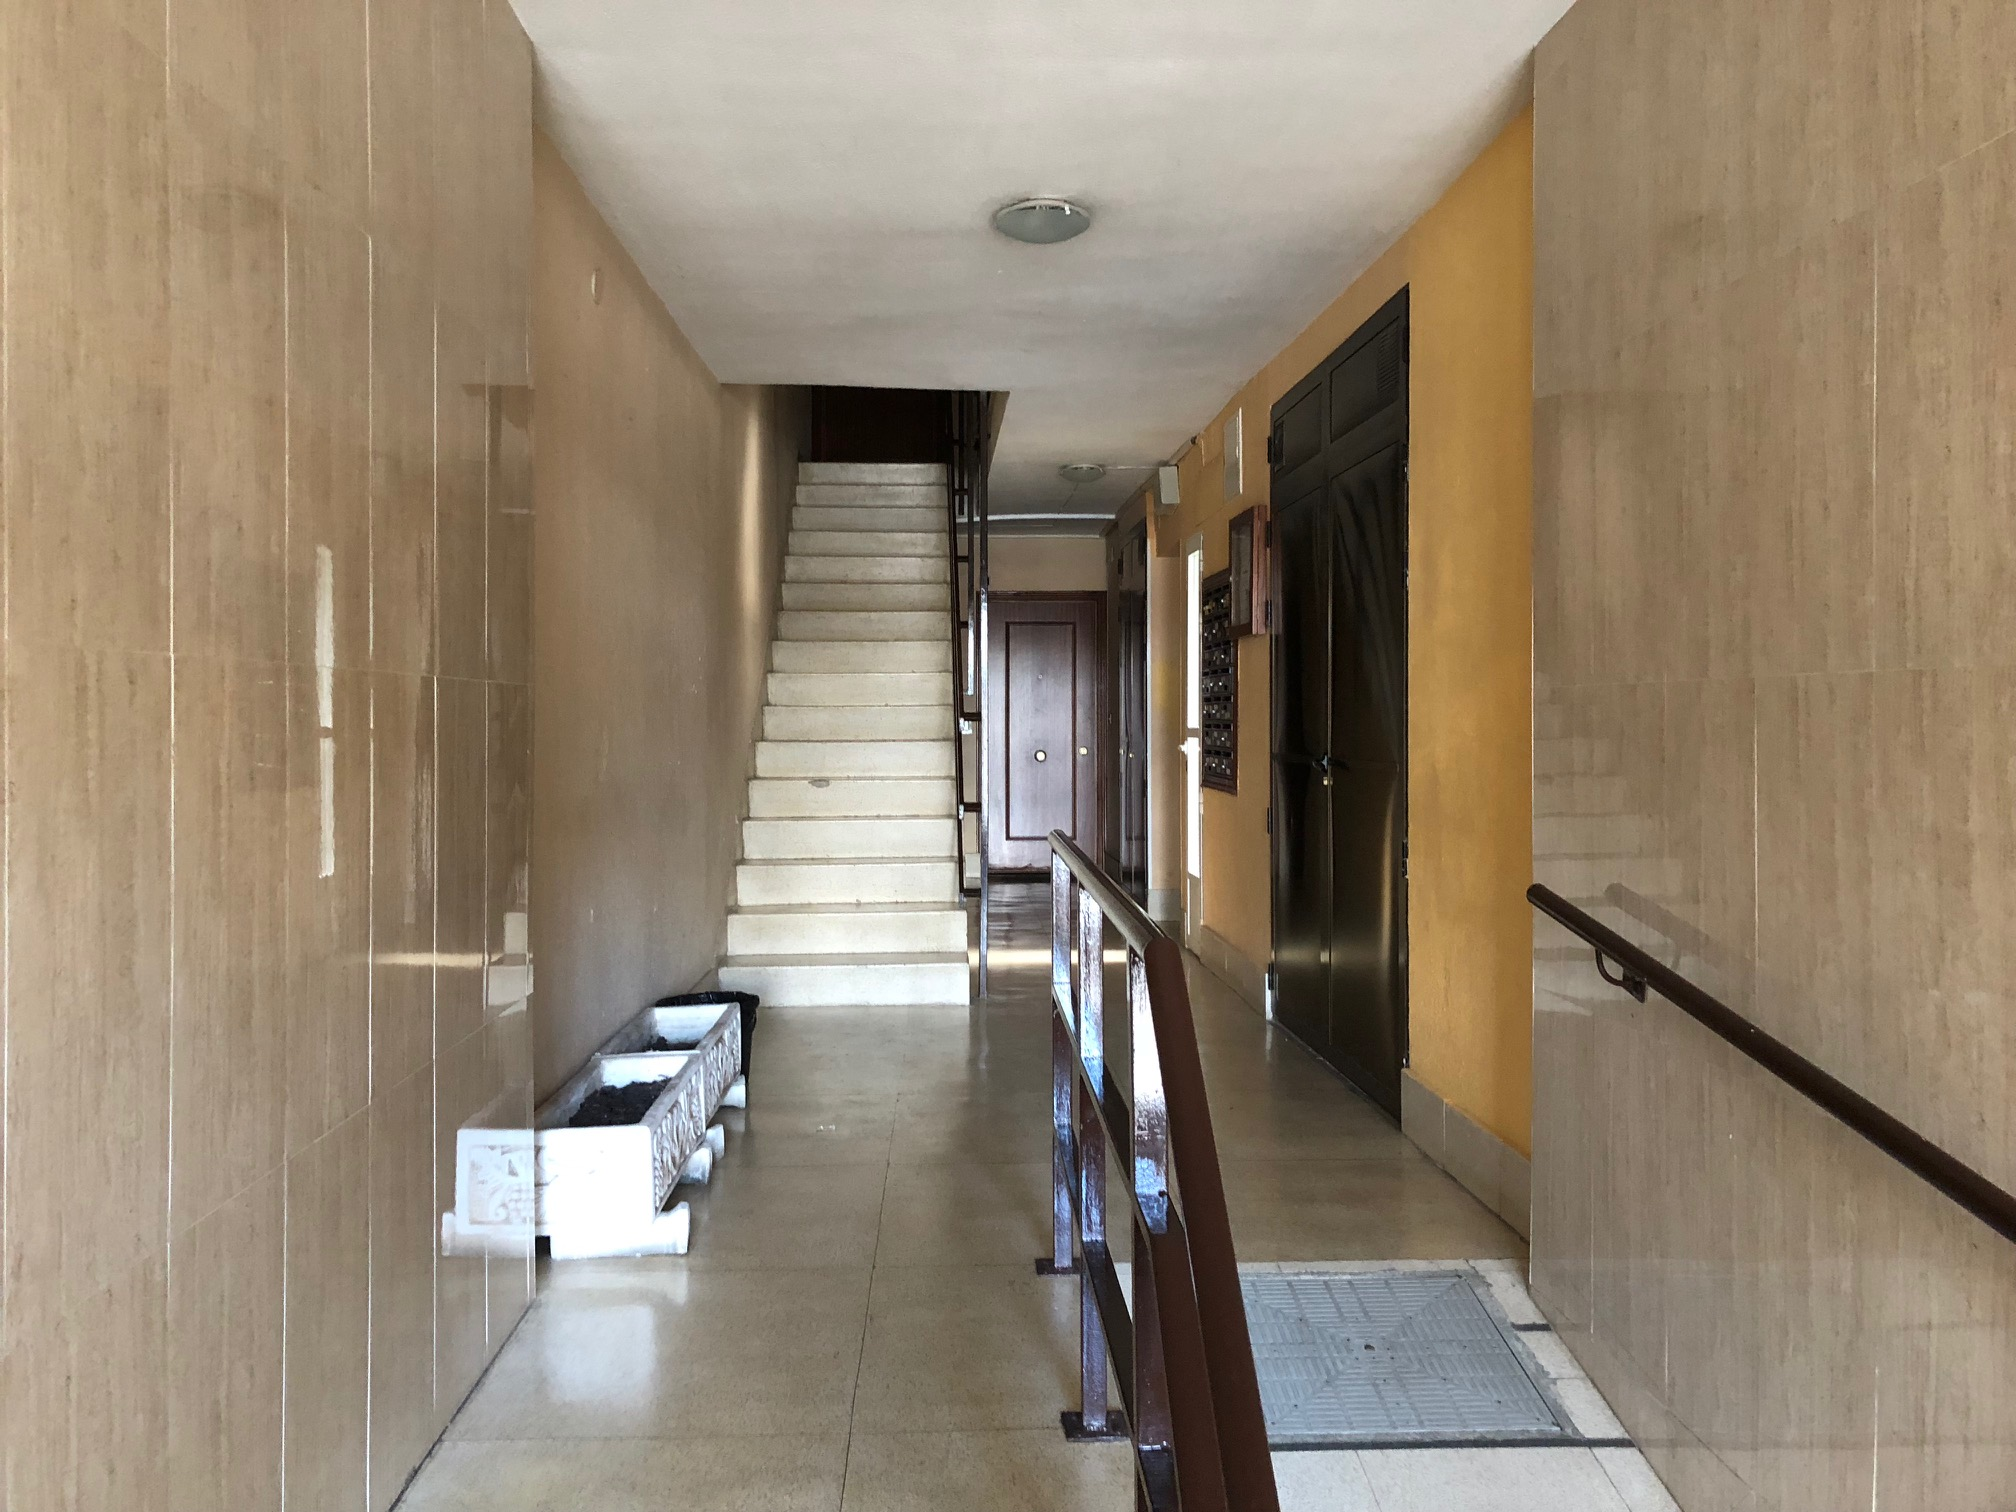 Piso en venta en Guadalajara, Guadalajara, Calle de la Isabela, 91.000 €, 3 habitaciones, 1 baño, 89 m2